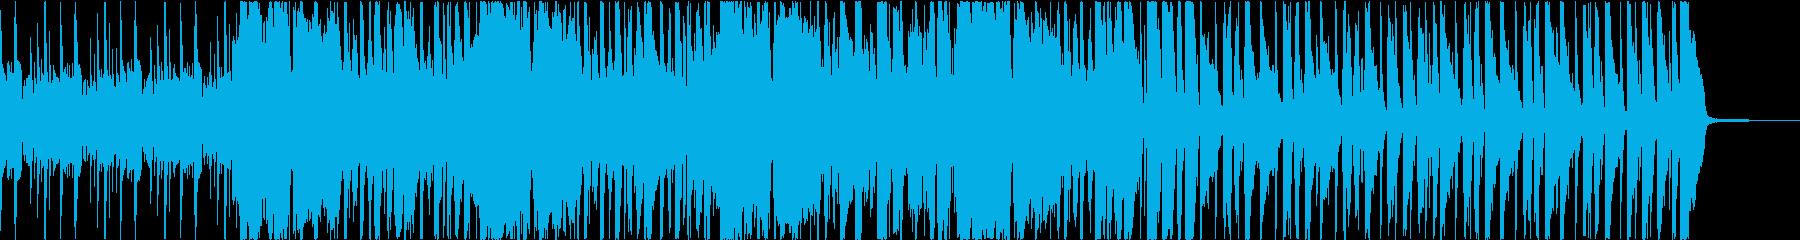 緊迫感のあるファンキーなジャズブルースの再生済みの波形